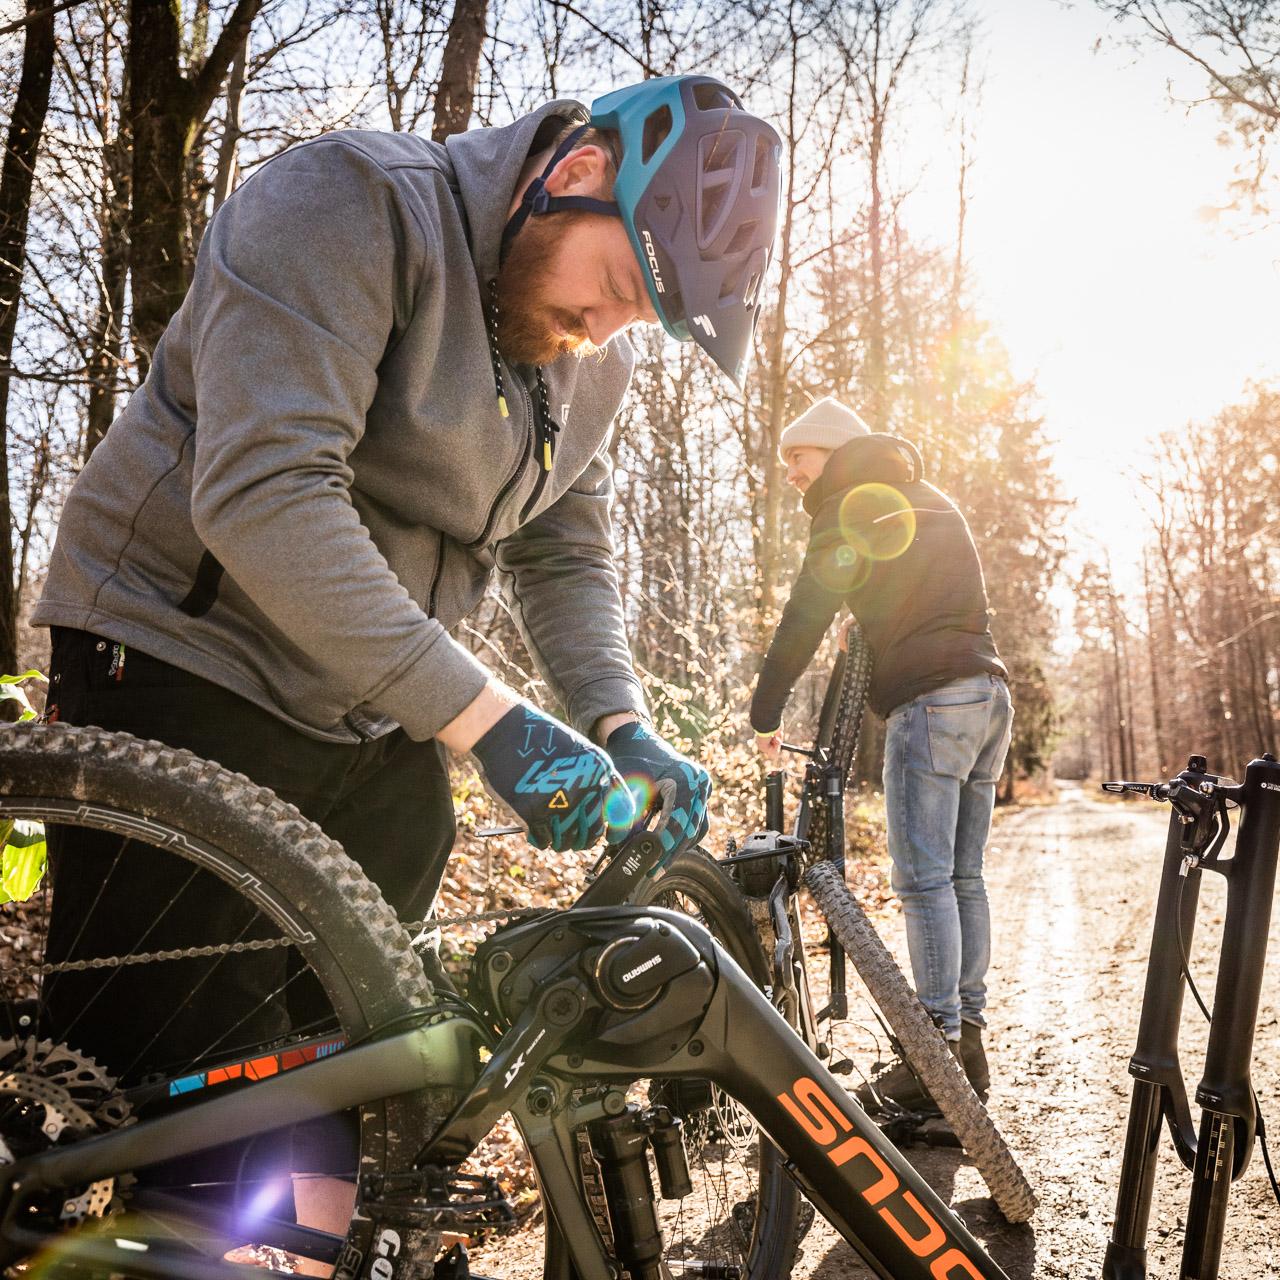 FOCUS-Bikes-E-MTB-Reach-Test-2019-_MG_4779